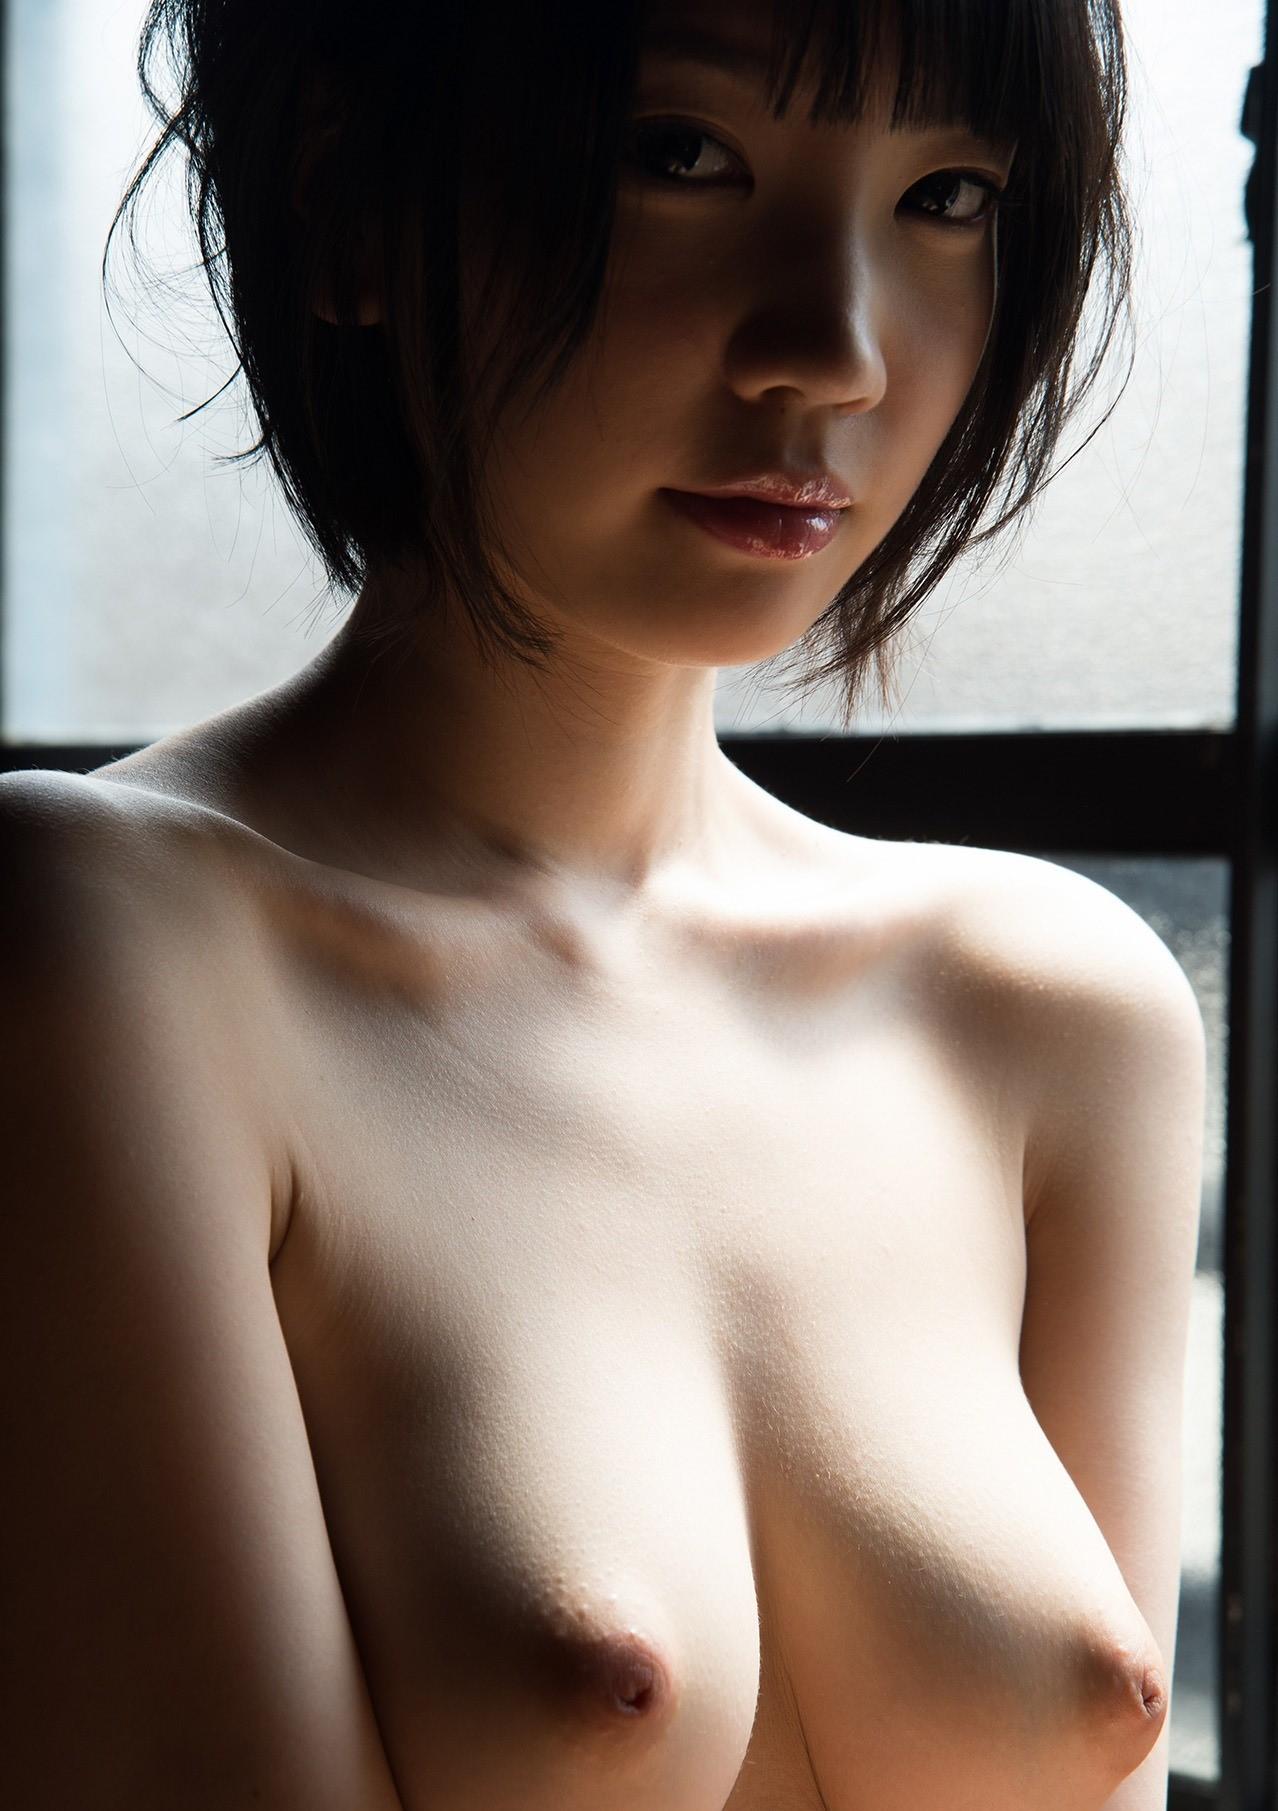 三次元 3次元 エロ画像 AV女優 鈴木心春  ヌード べっぴん娘通信 095